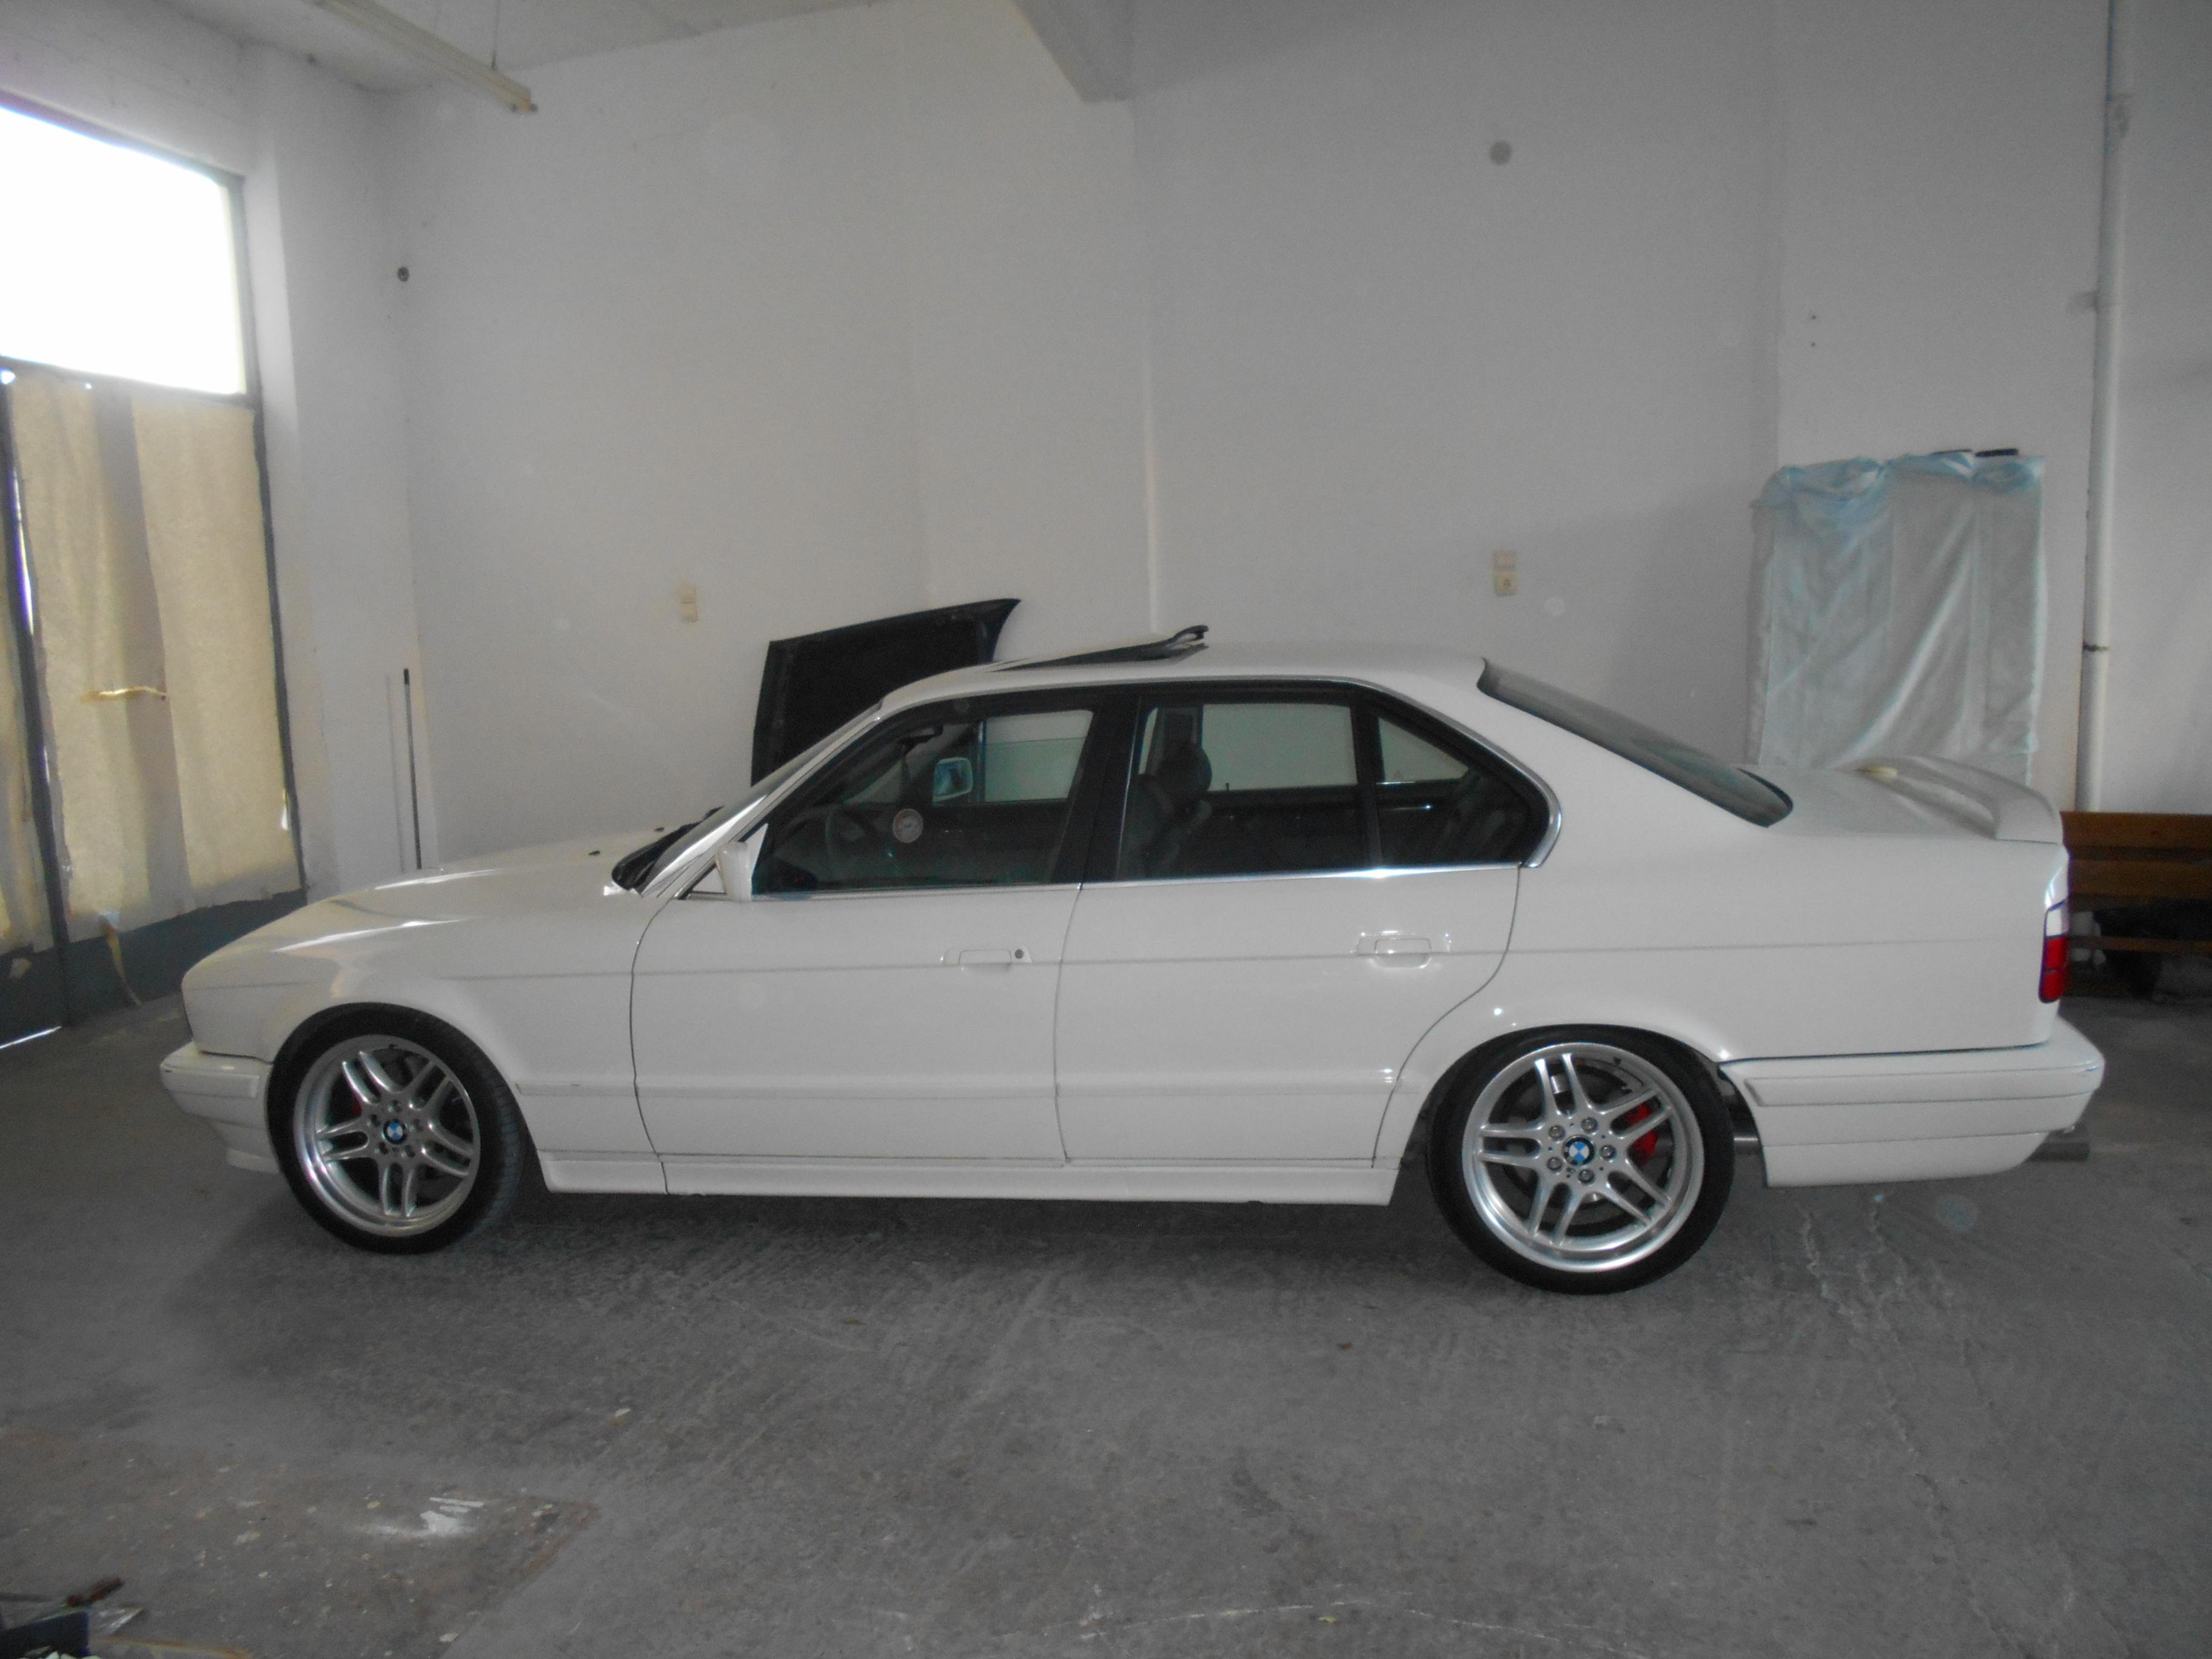 Upgrade BMW 540i/6 E34